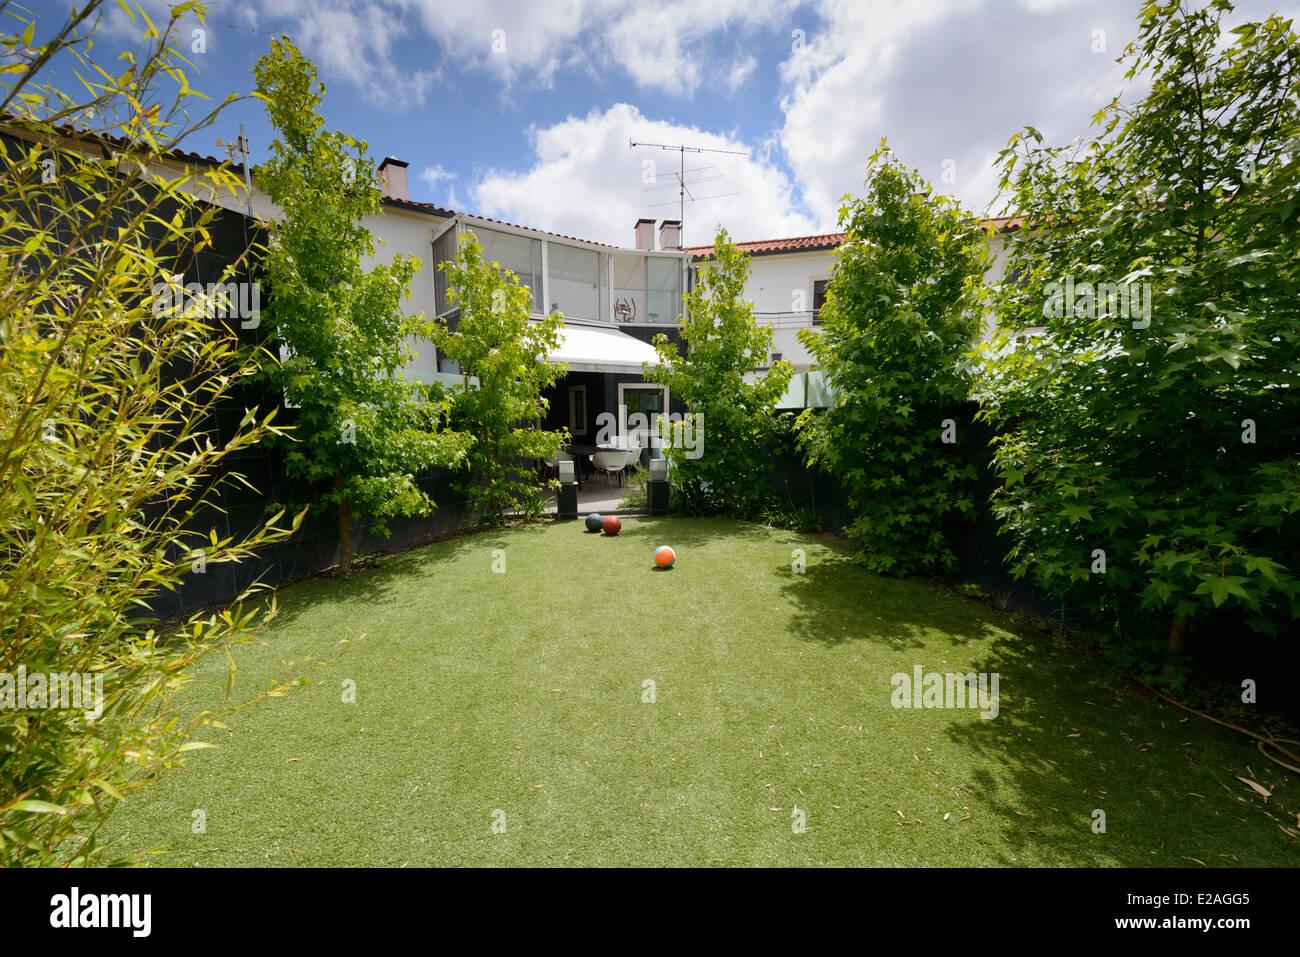 Backyard garden - Stock Image